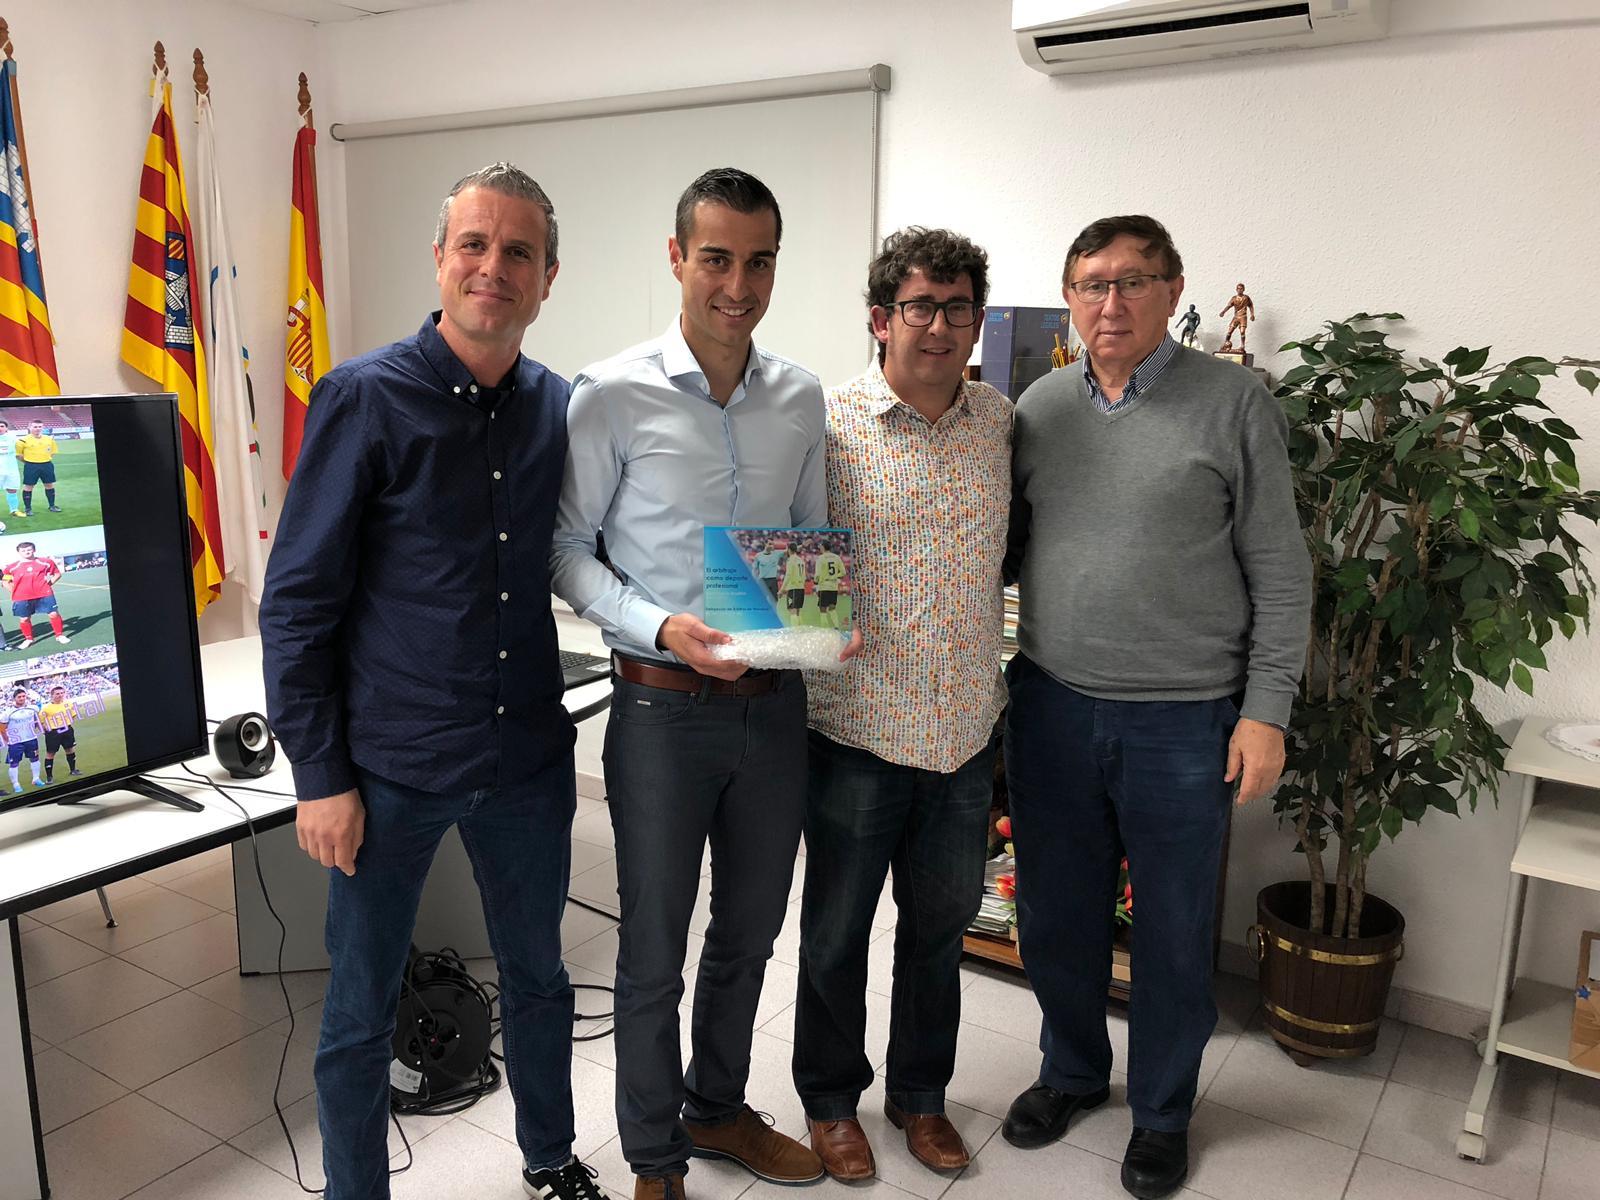 Charla sobre el arbitraje profesional en Menorca a cargo de Santiago Varón